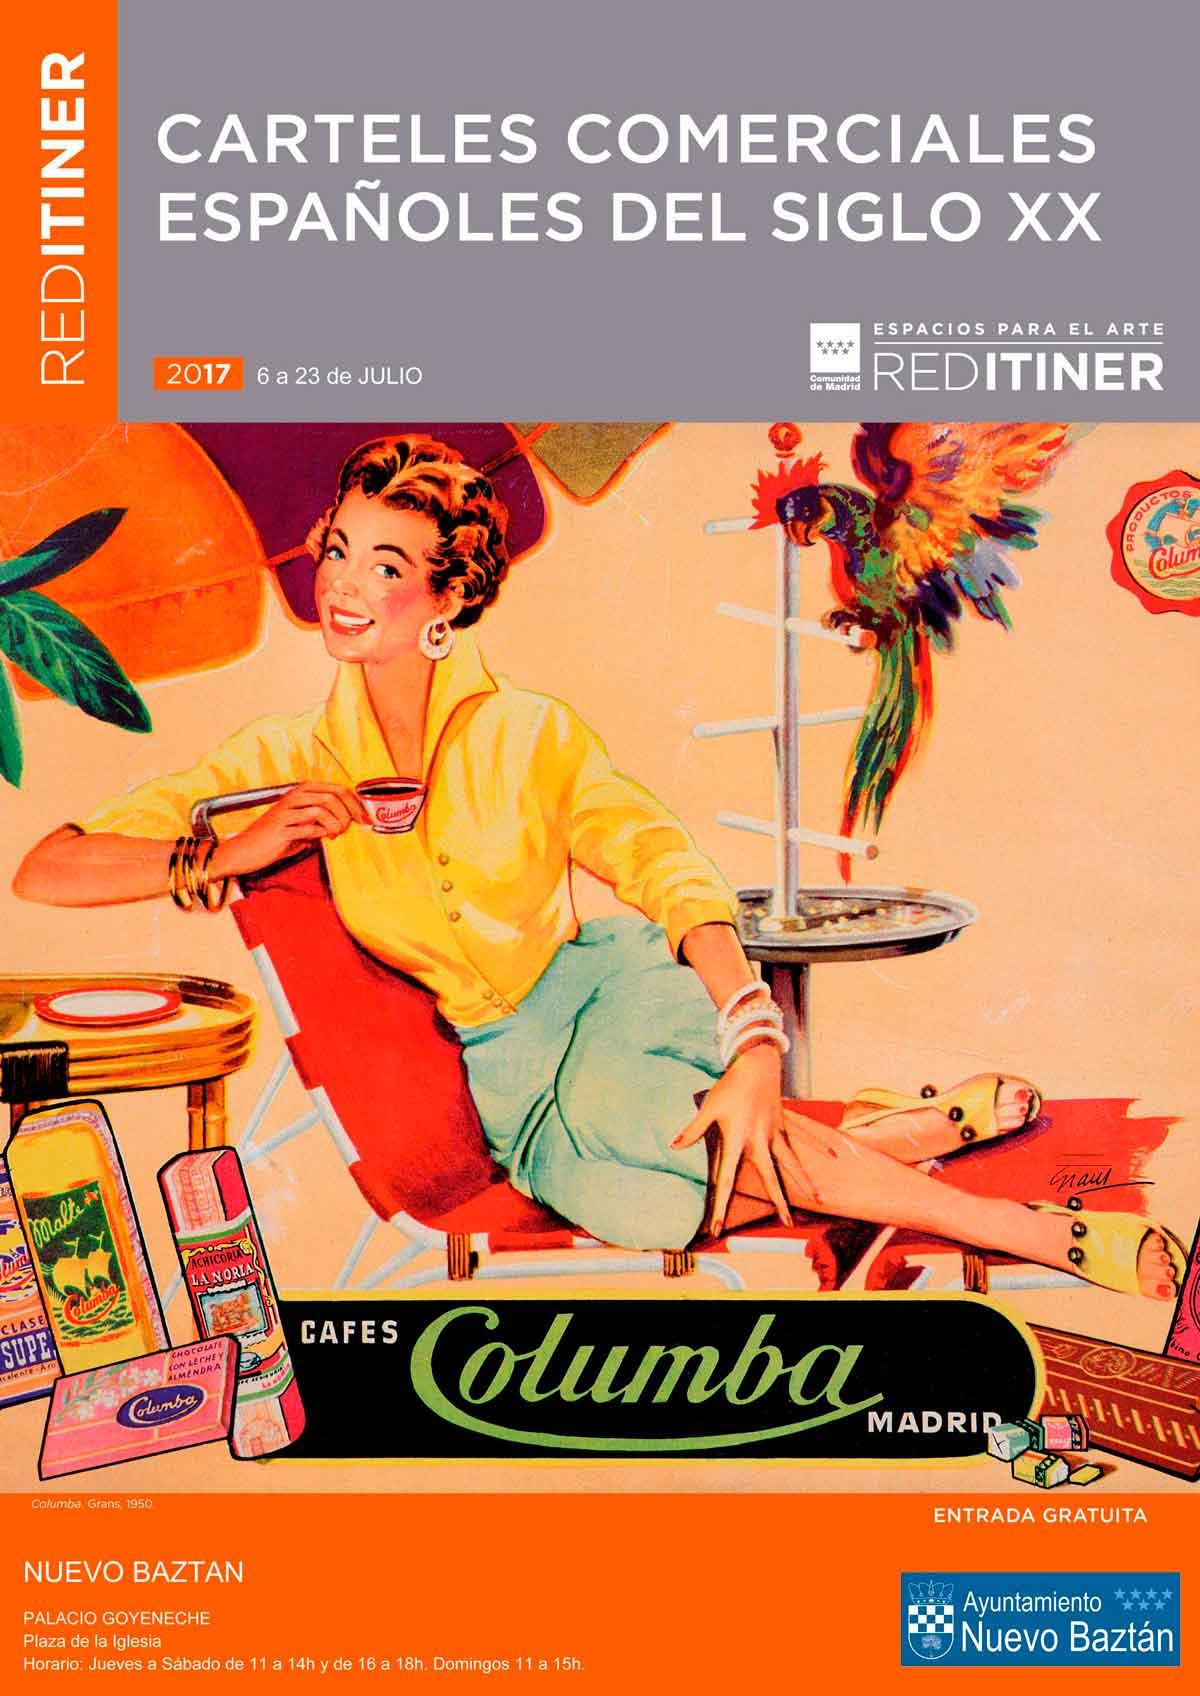 Nueva exposición de la RED ITINER: Carteles comerciales españoles del siglo XX